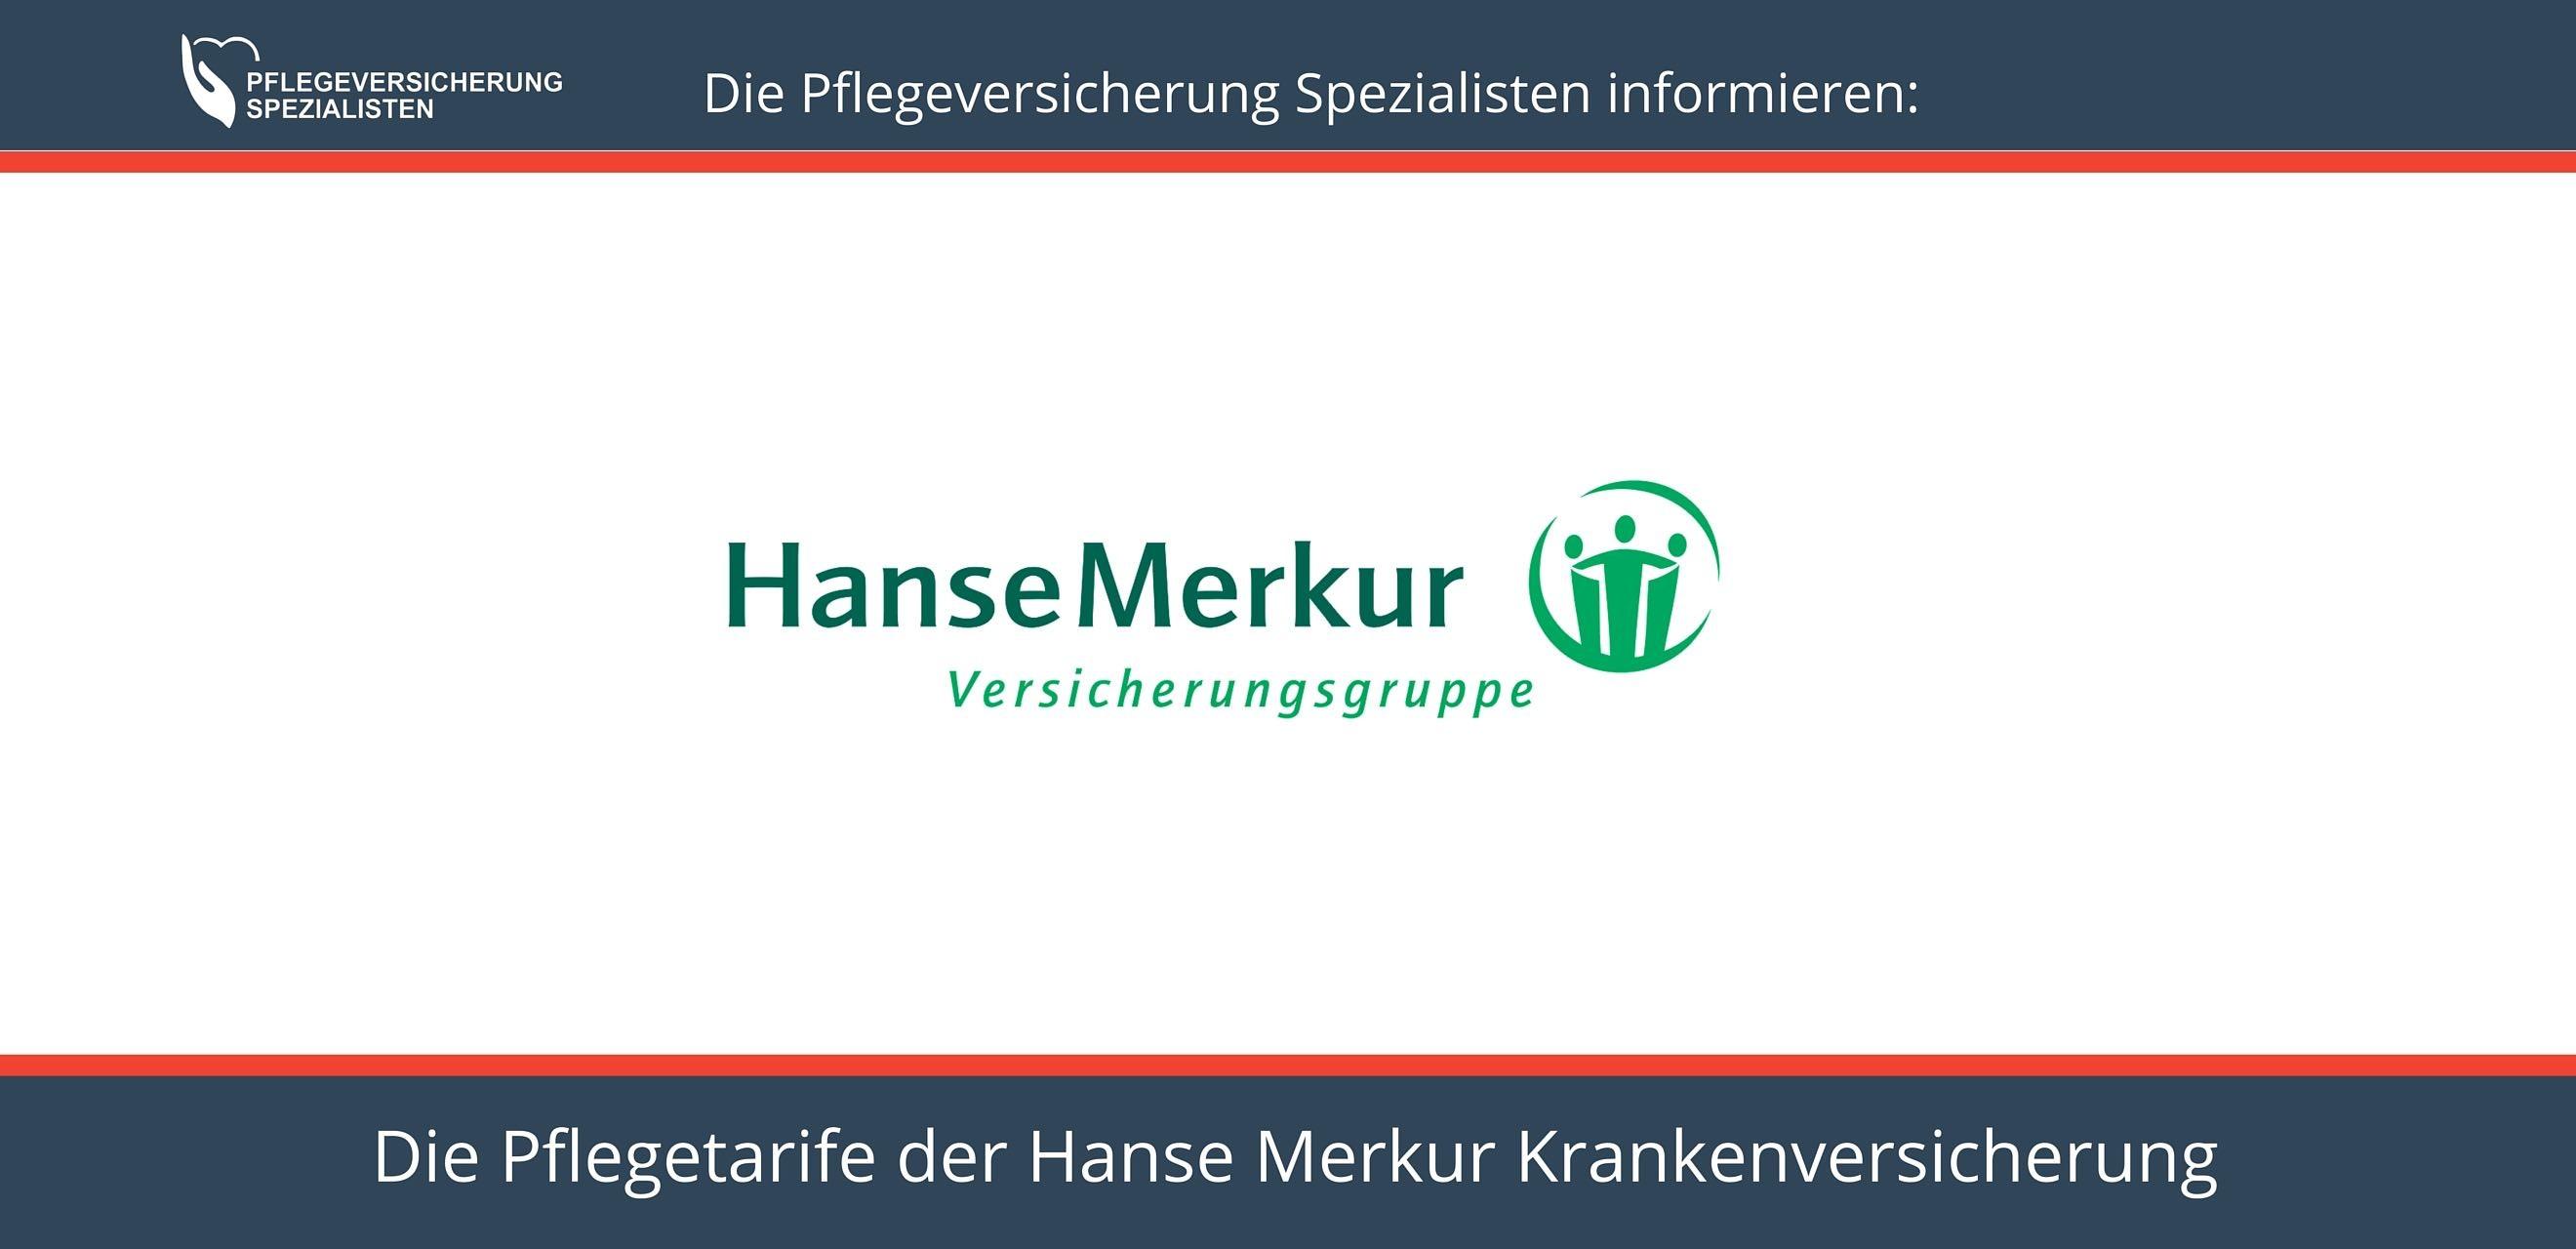 Die Pflegeversicherung Spezialisten informieren über die Pflegetarife der Hanse Merkur